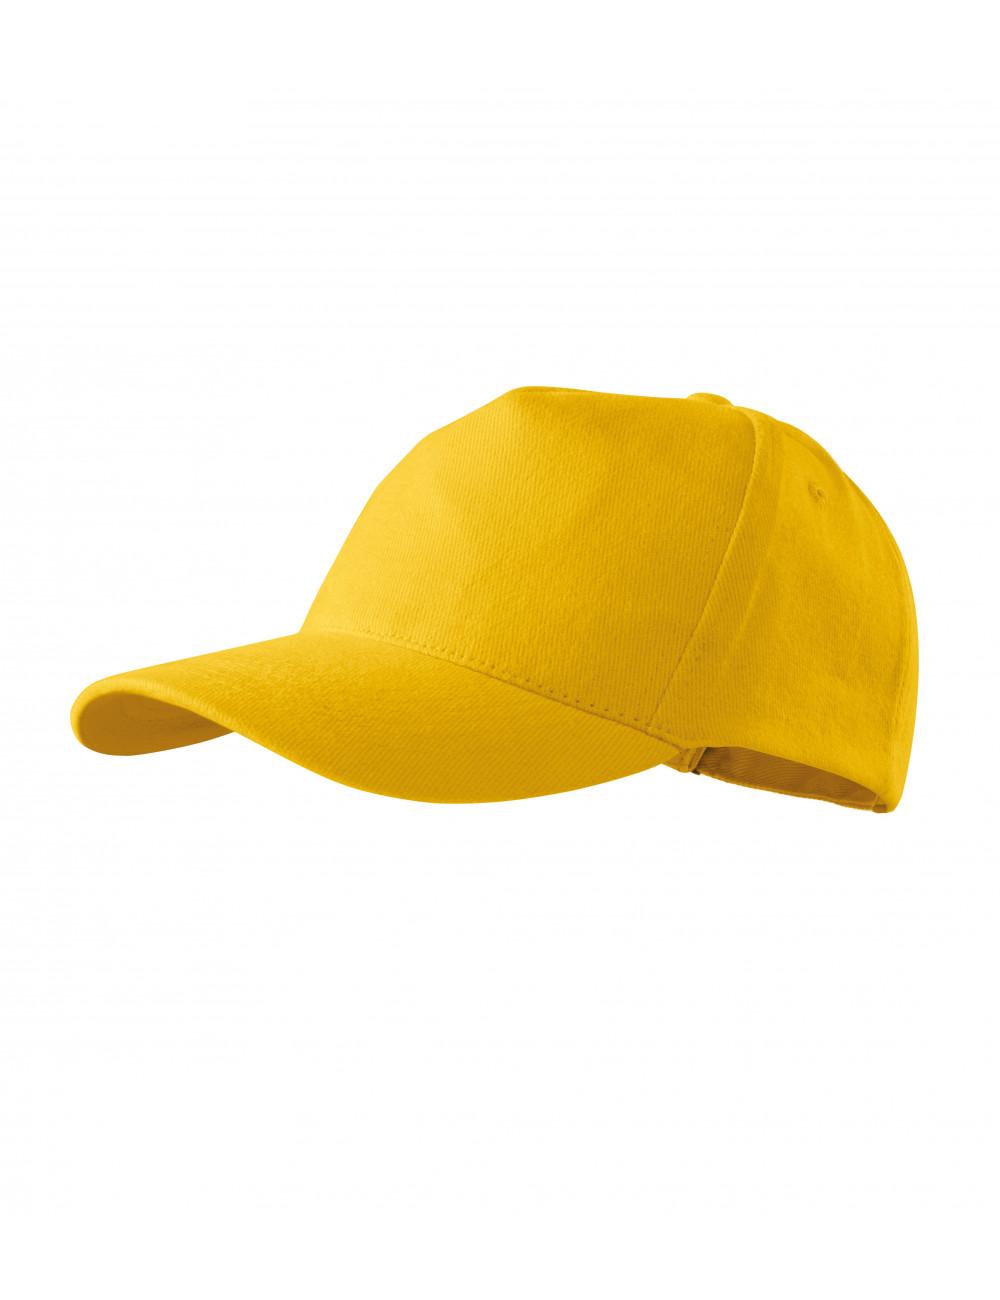 Adler MALFINI Czapka unisex 5P 307 żółty